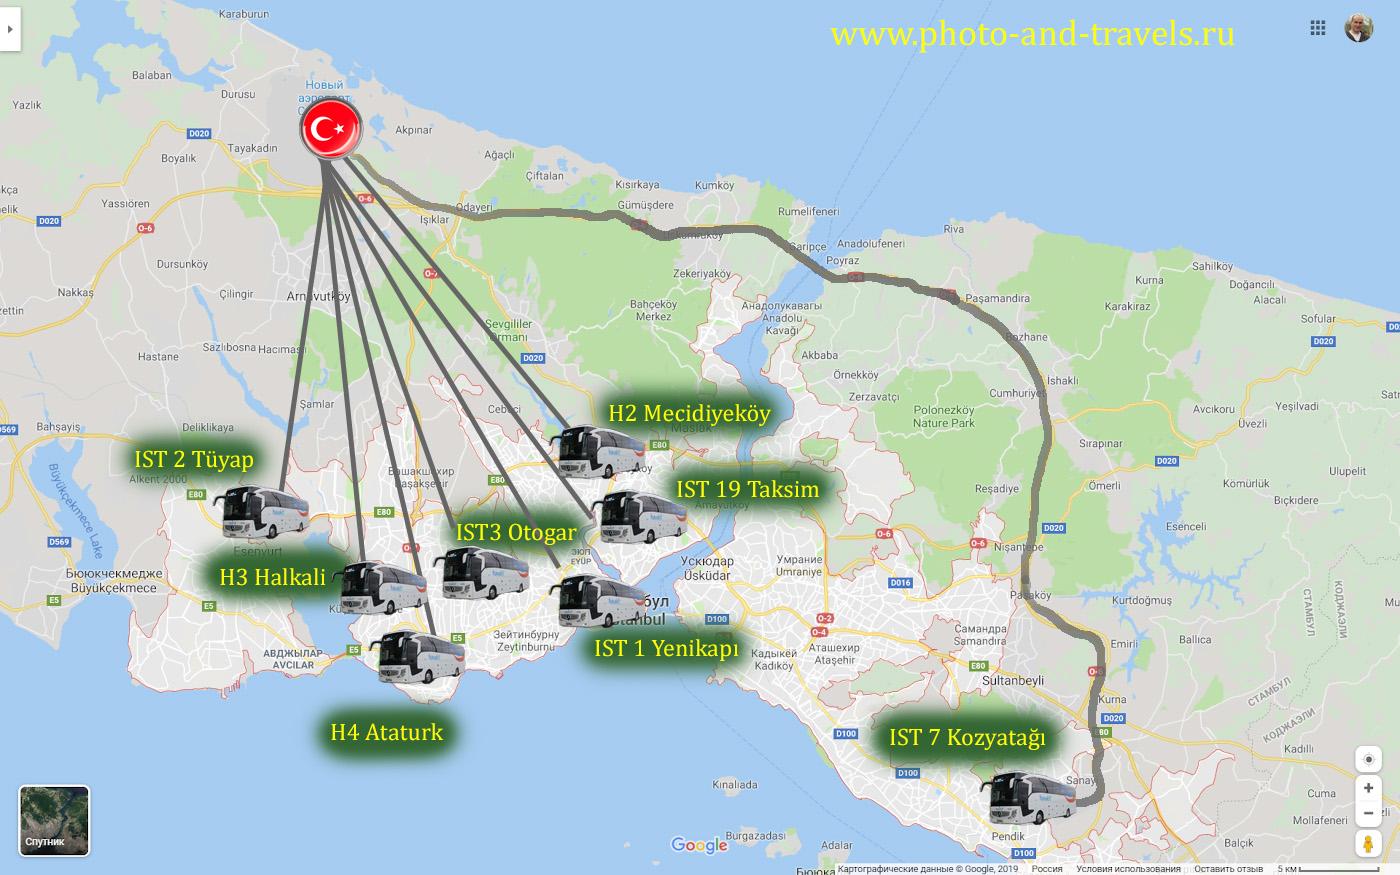 46. Схема маршрутов автобусов (шаттлов) «Havaist», поясняющая, как добраться в центр города на площади Таксим и Султанахмет.